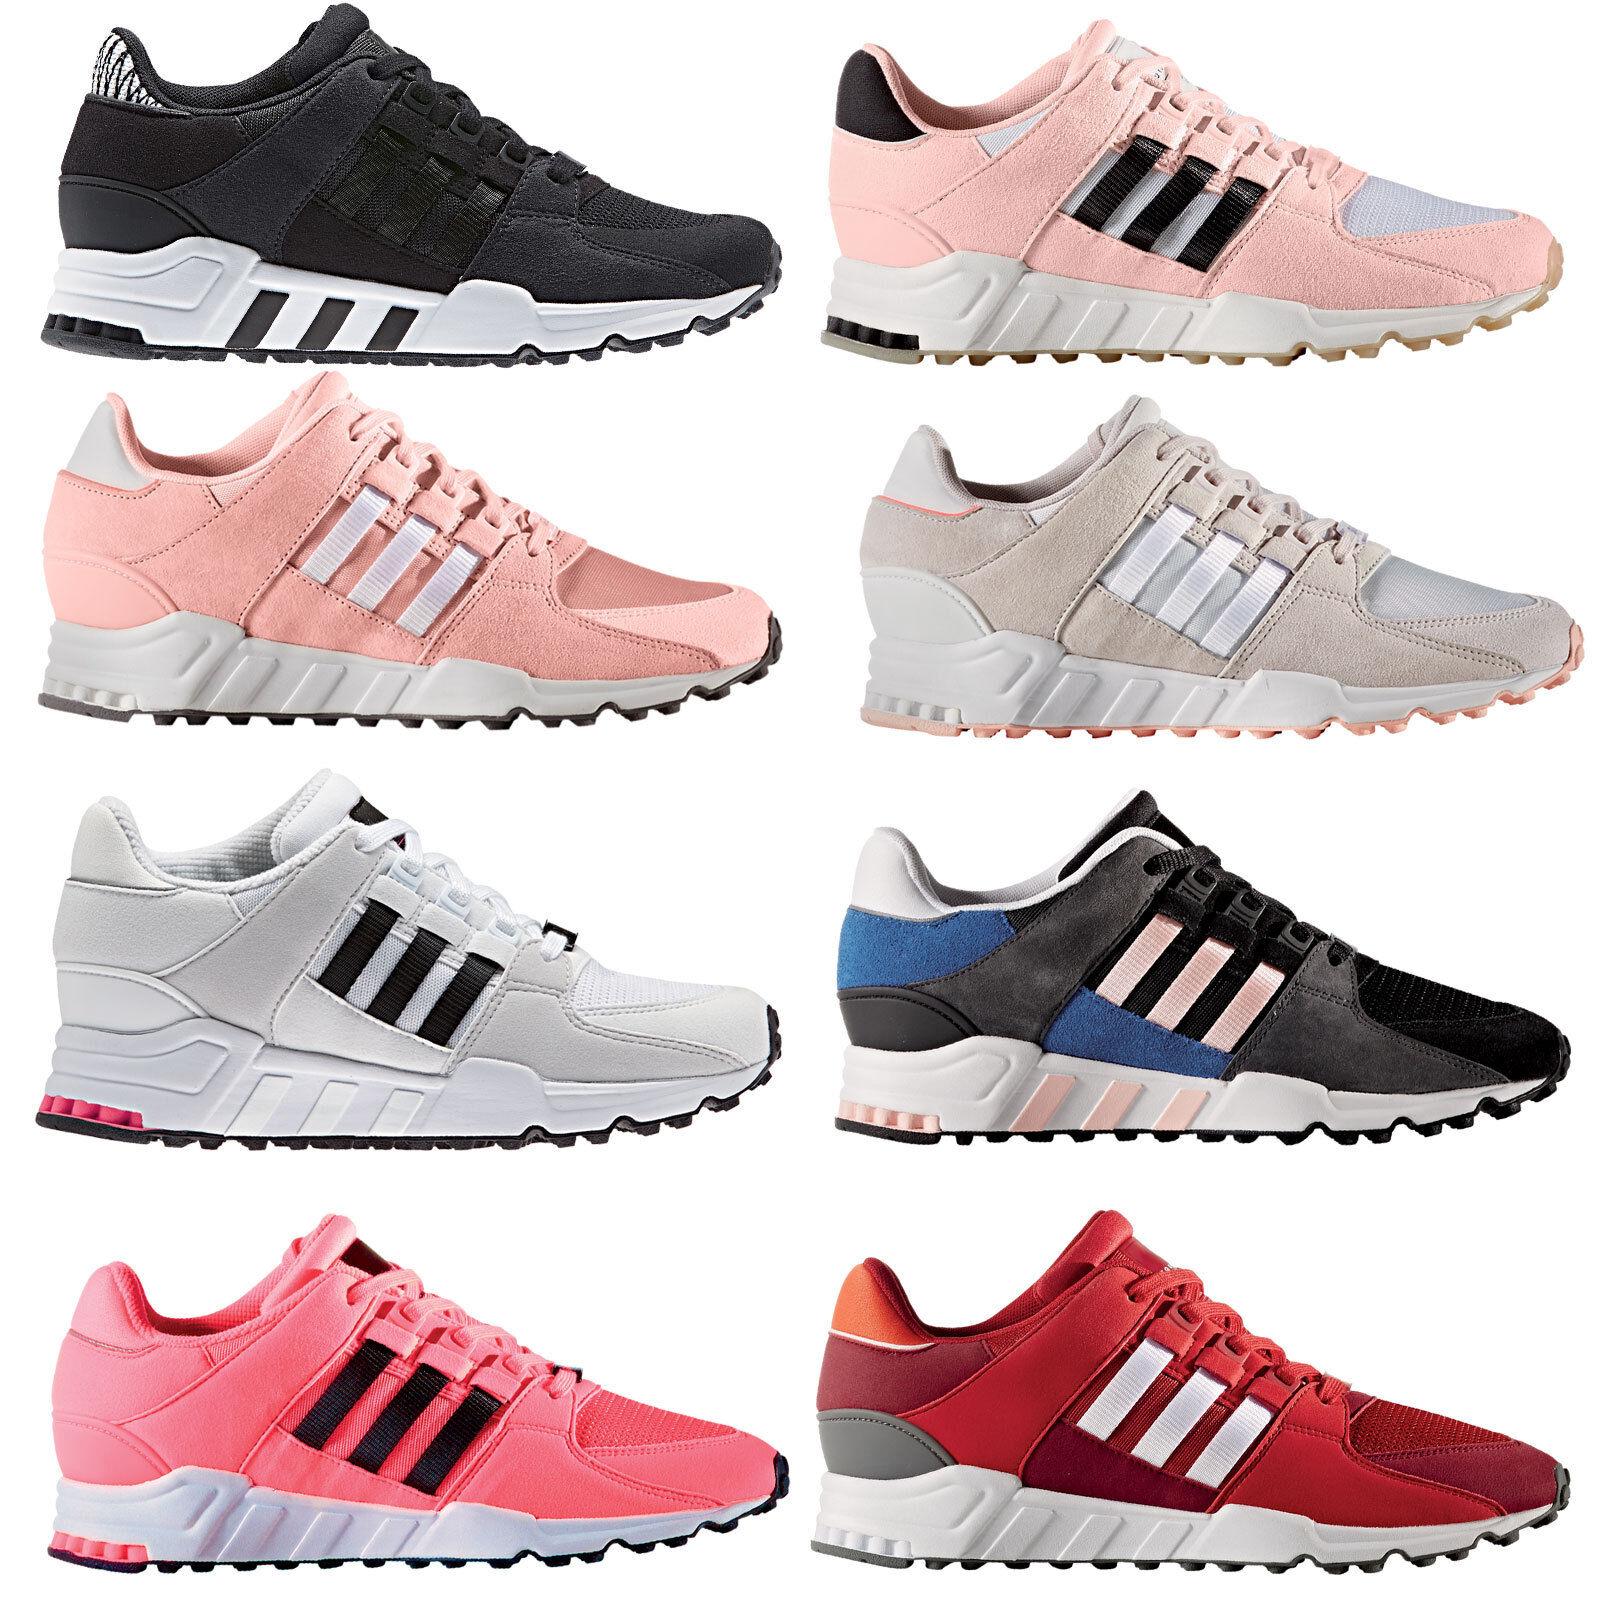 new product fc100 19070 купить Adidas Originals EQT Equipment, с доставкой ubAdidas Originals